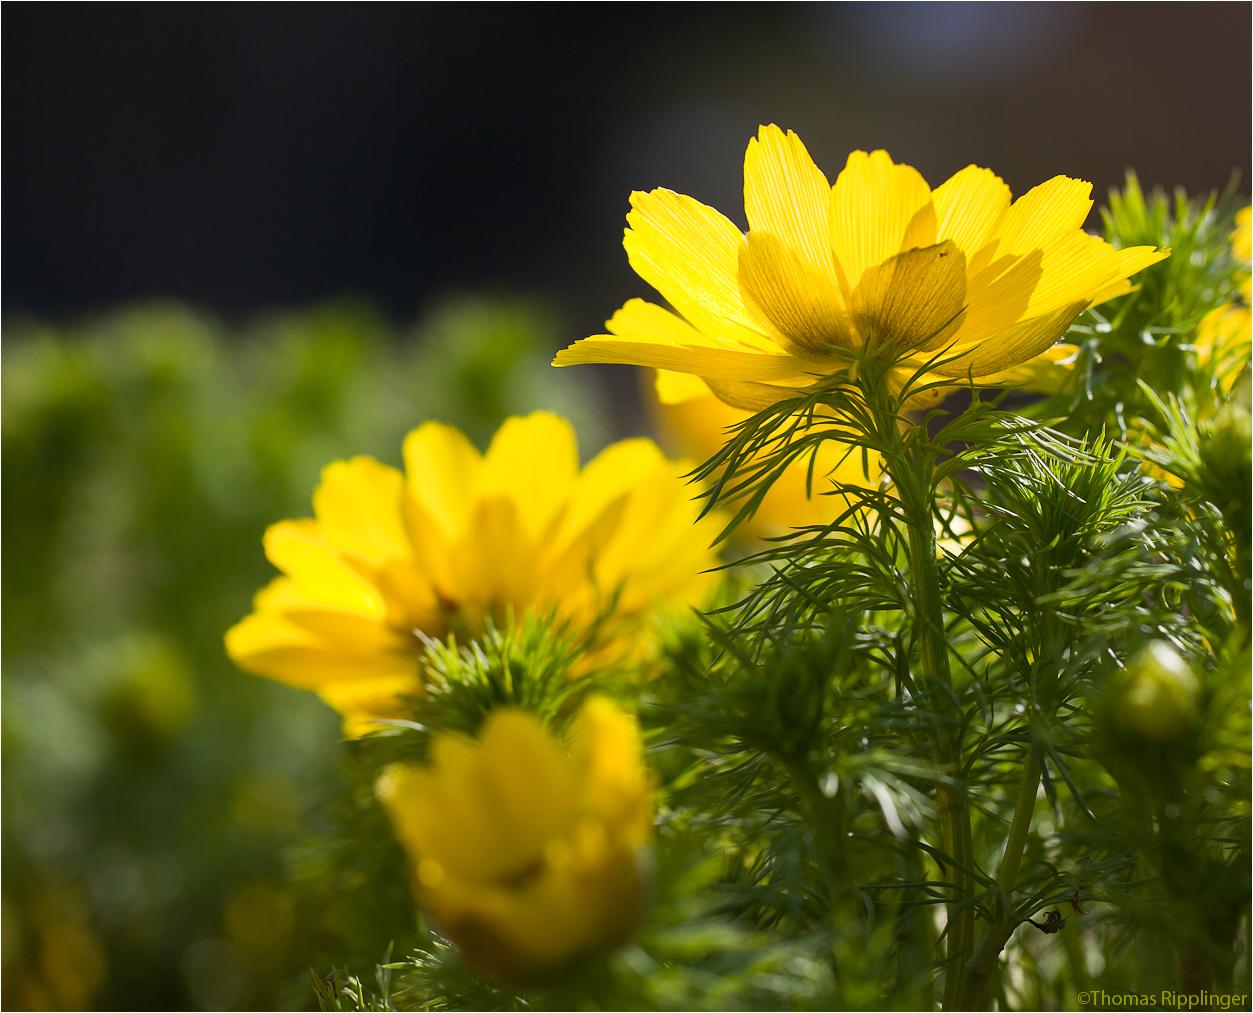 Frühlings-Adonisröschen oder Frühlings-Adonis (Adonis vernalis)...